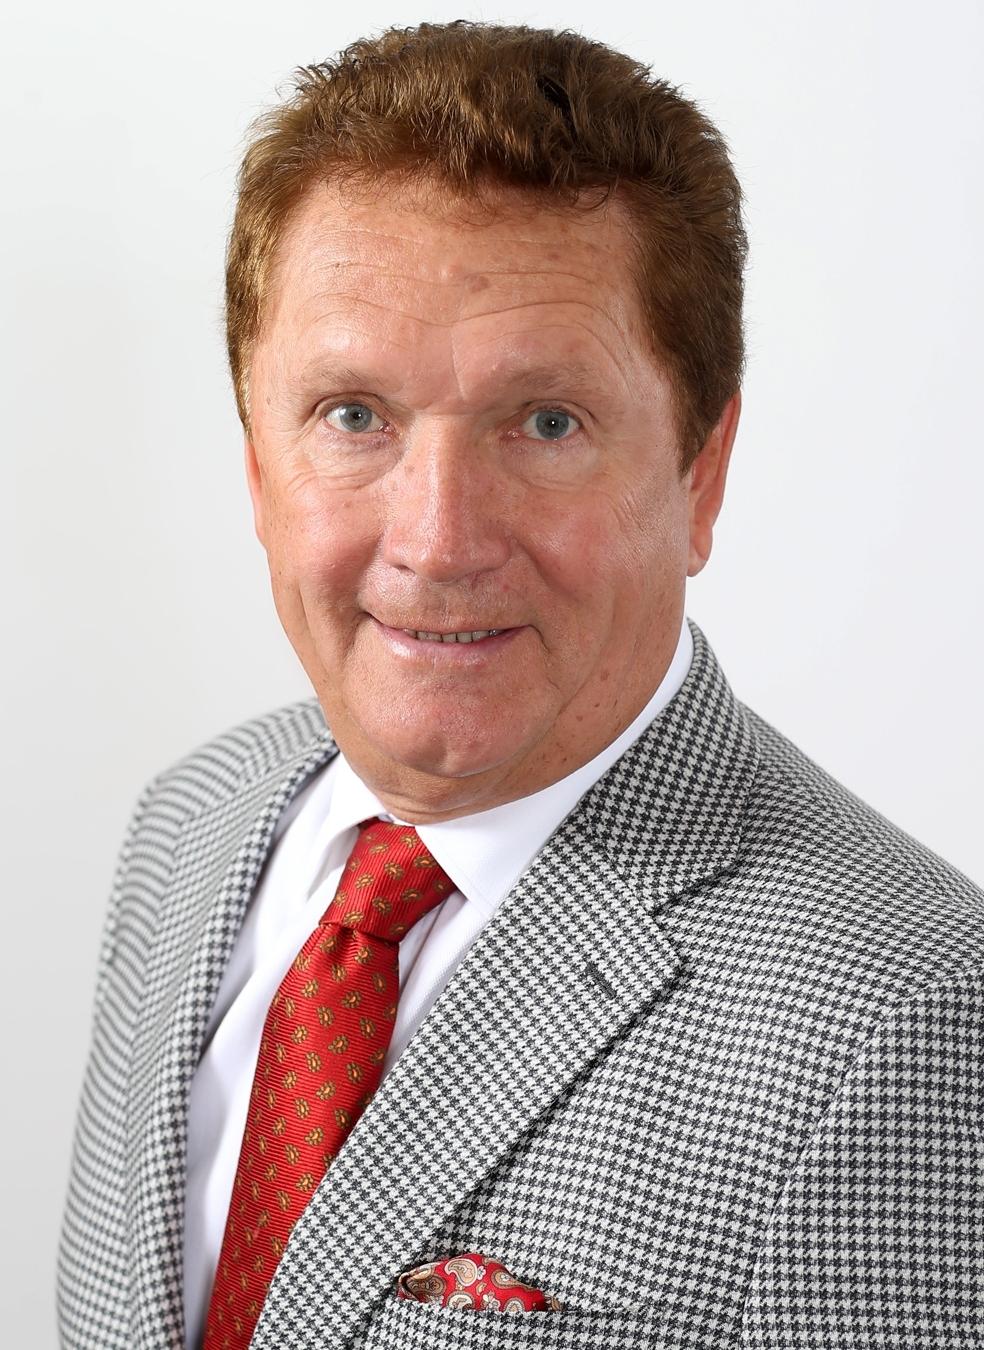 Dr. Dickgiesser_2a.JPG